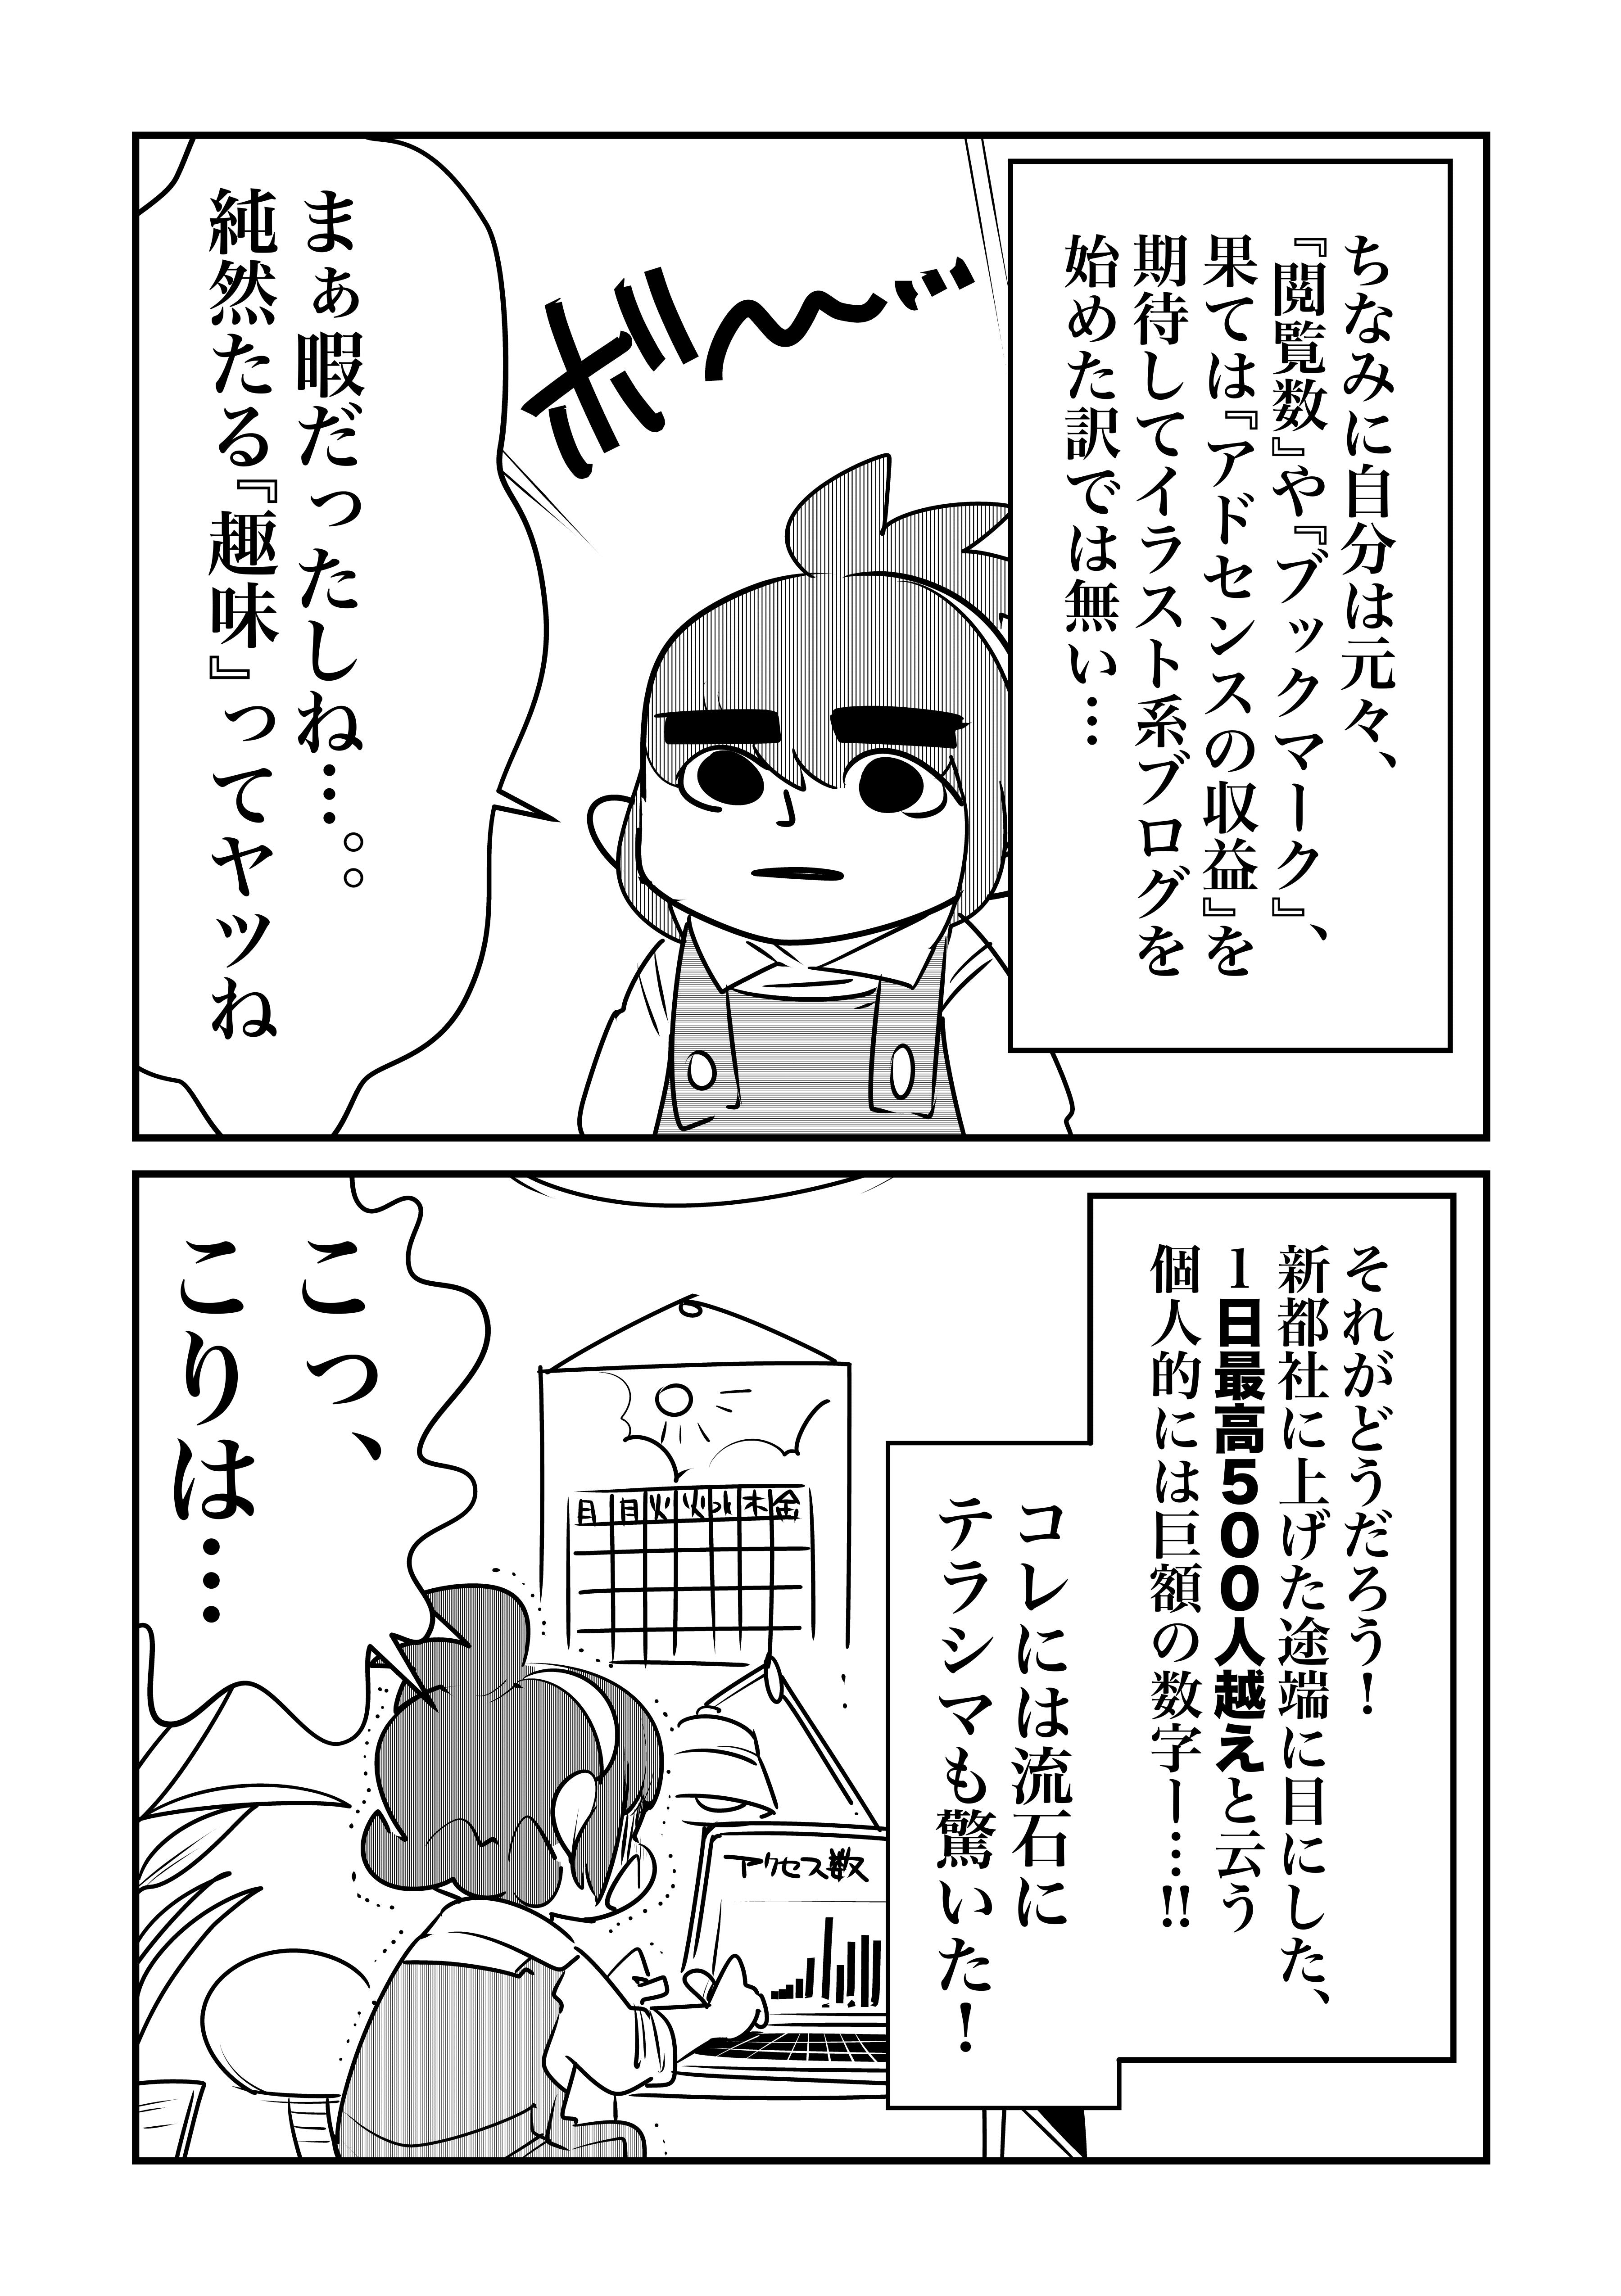 f:id:terashimaru117:20191127141540j:plain